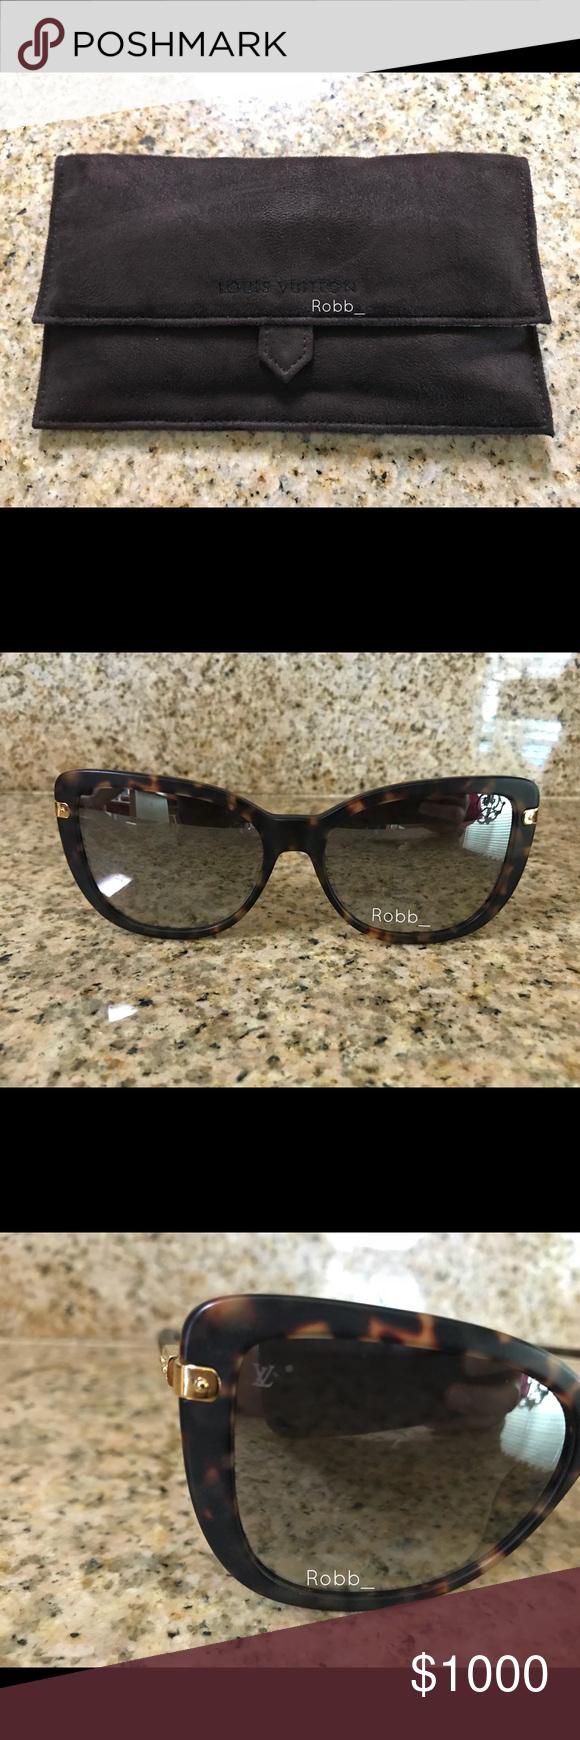 cfa8cf1a0134 Louis Vuitton Charlotte Sunglasses 100% authentic. Excellent condition